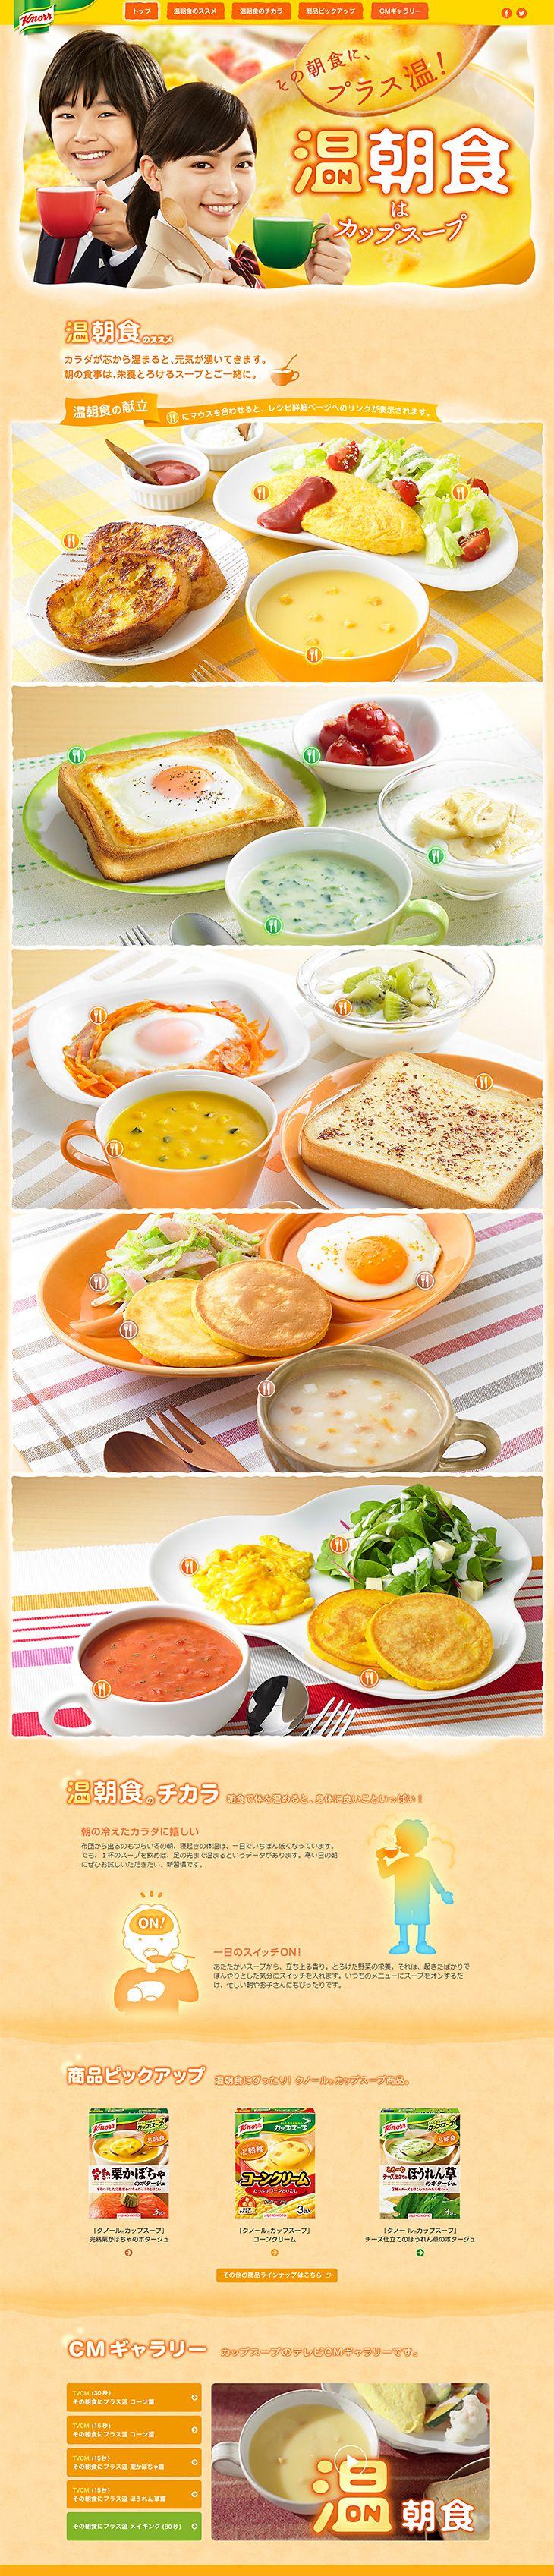 温朝食はカップスープ